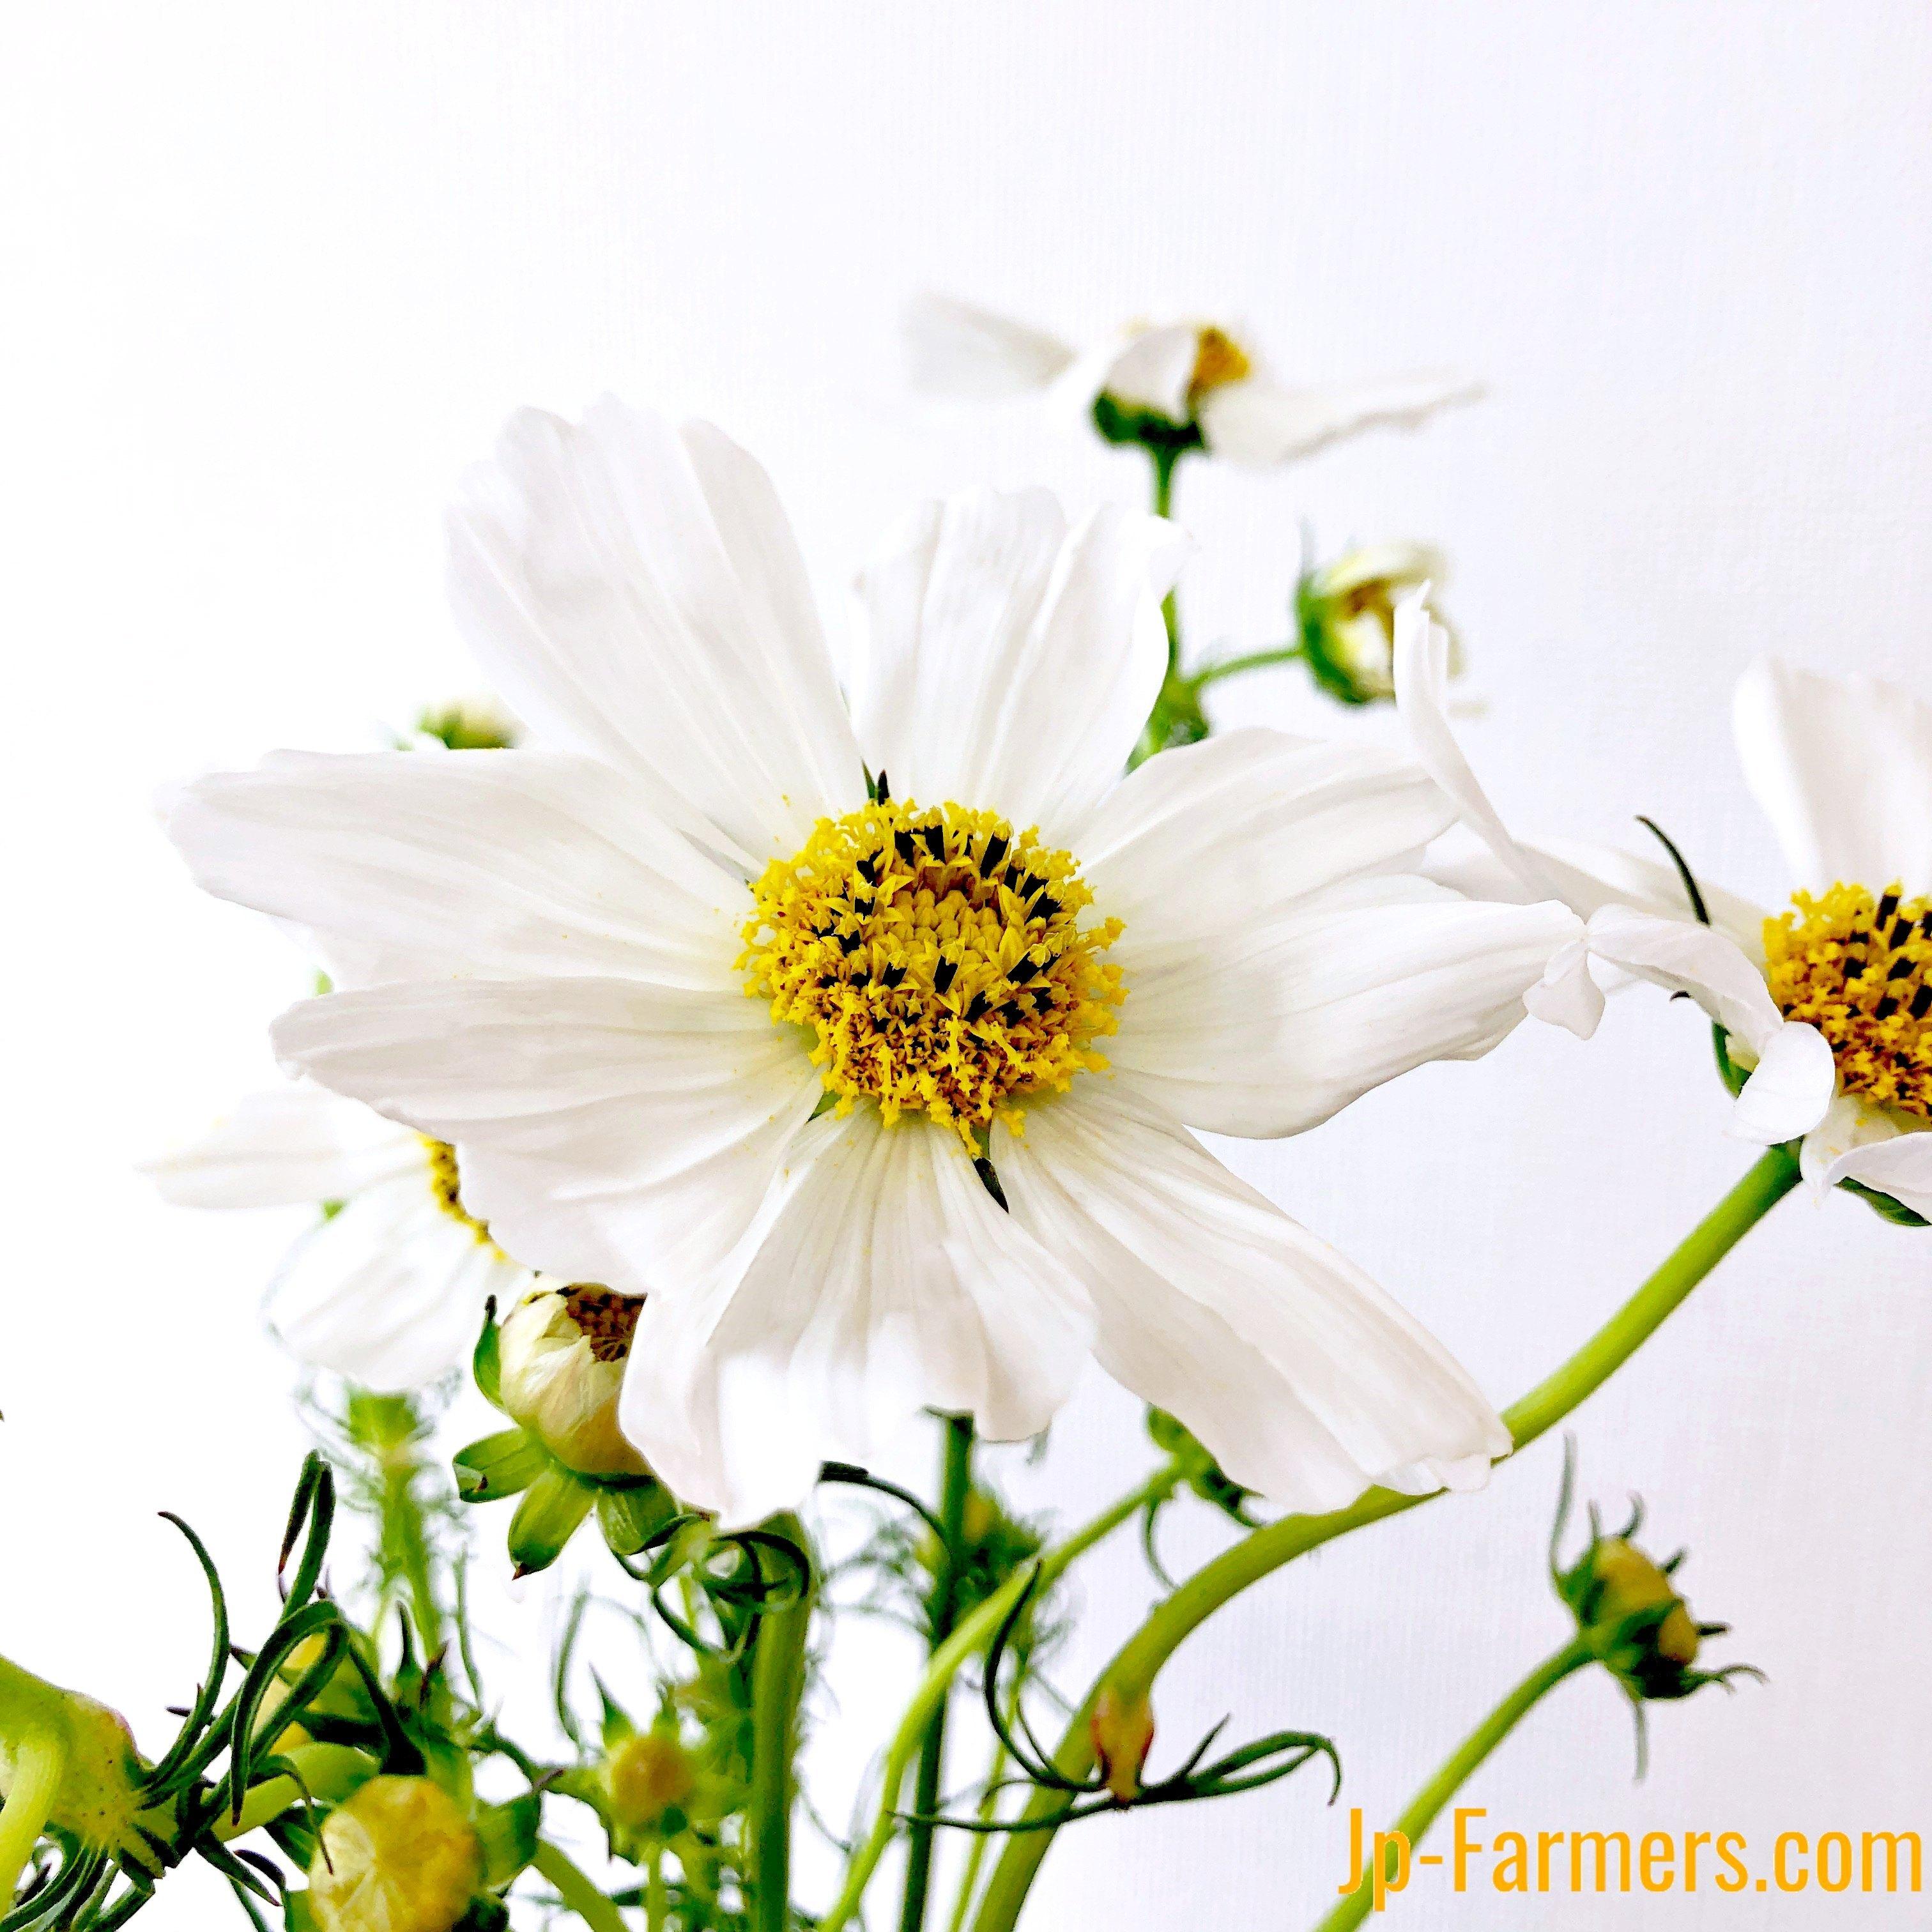 季節限定!秋の花はやっぱり秋桜(コスモス)! アフタヌーンホワイト 20本